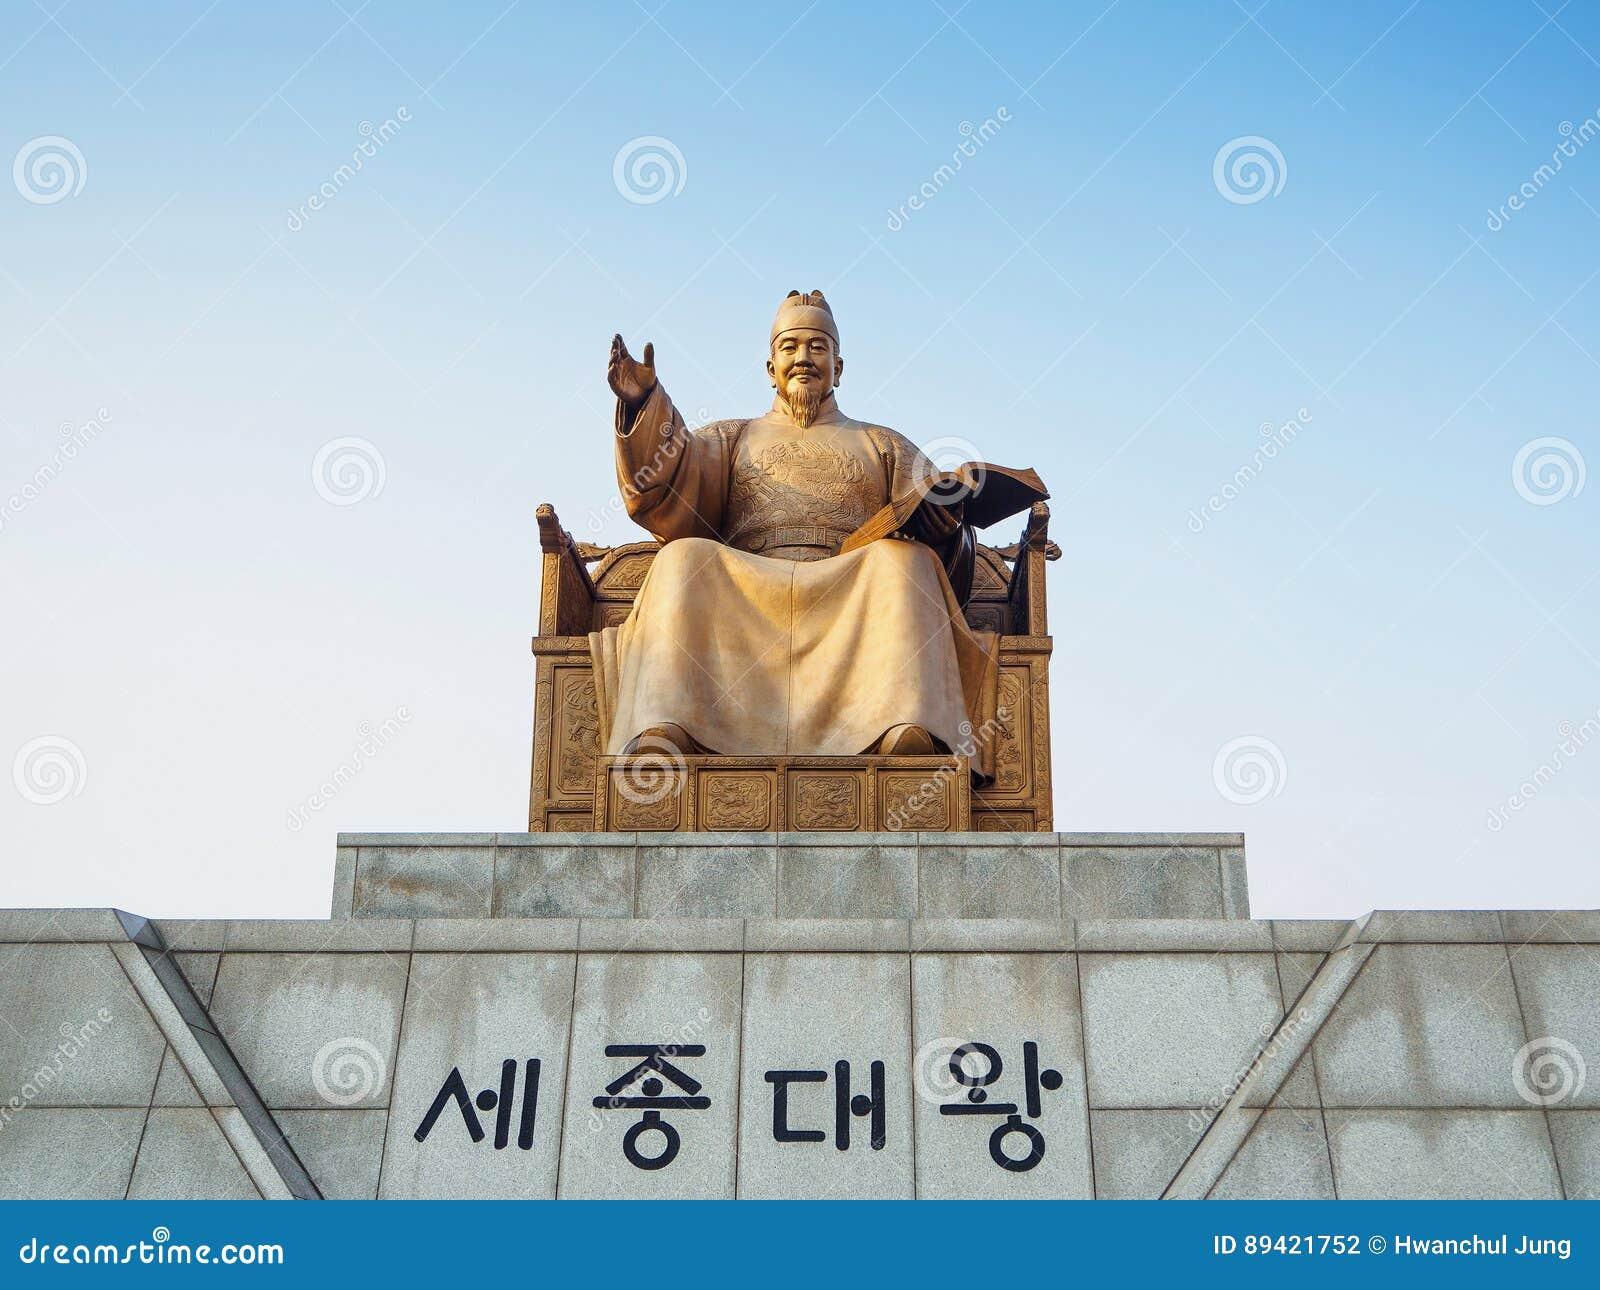 SEOUL, COREIA - MARÇO 18, 2017: Estátua do rei Sejong no quadrado de Gwanghwamun em Seoul, Coreia do Sul